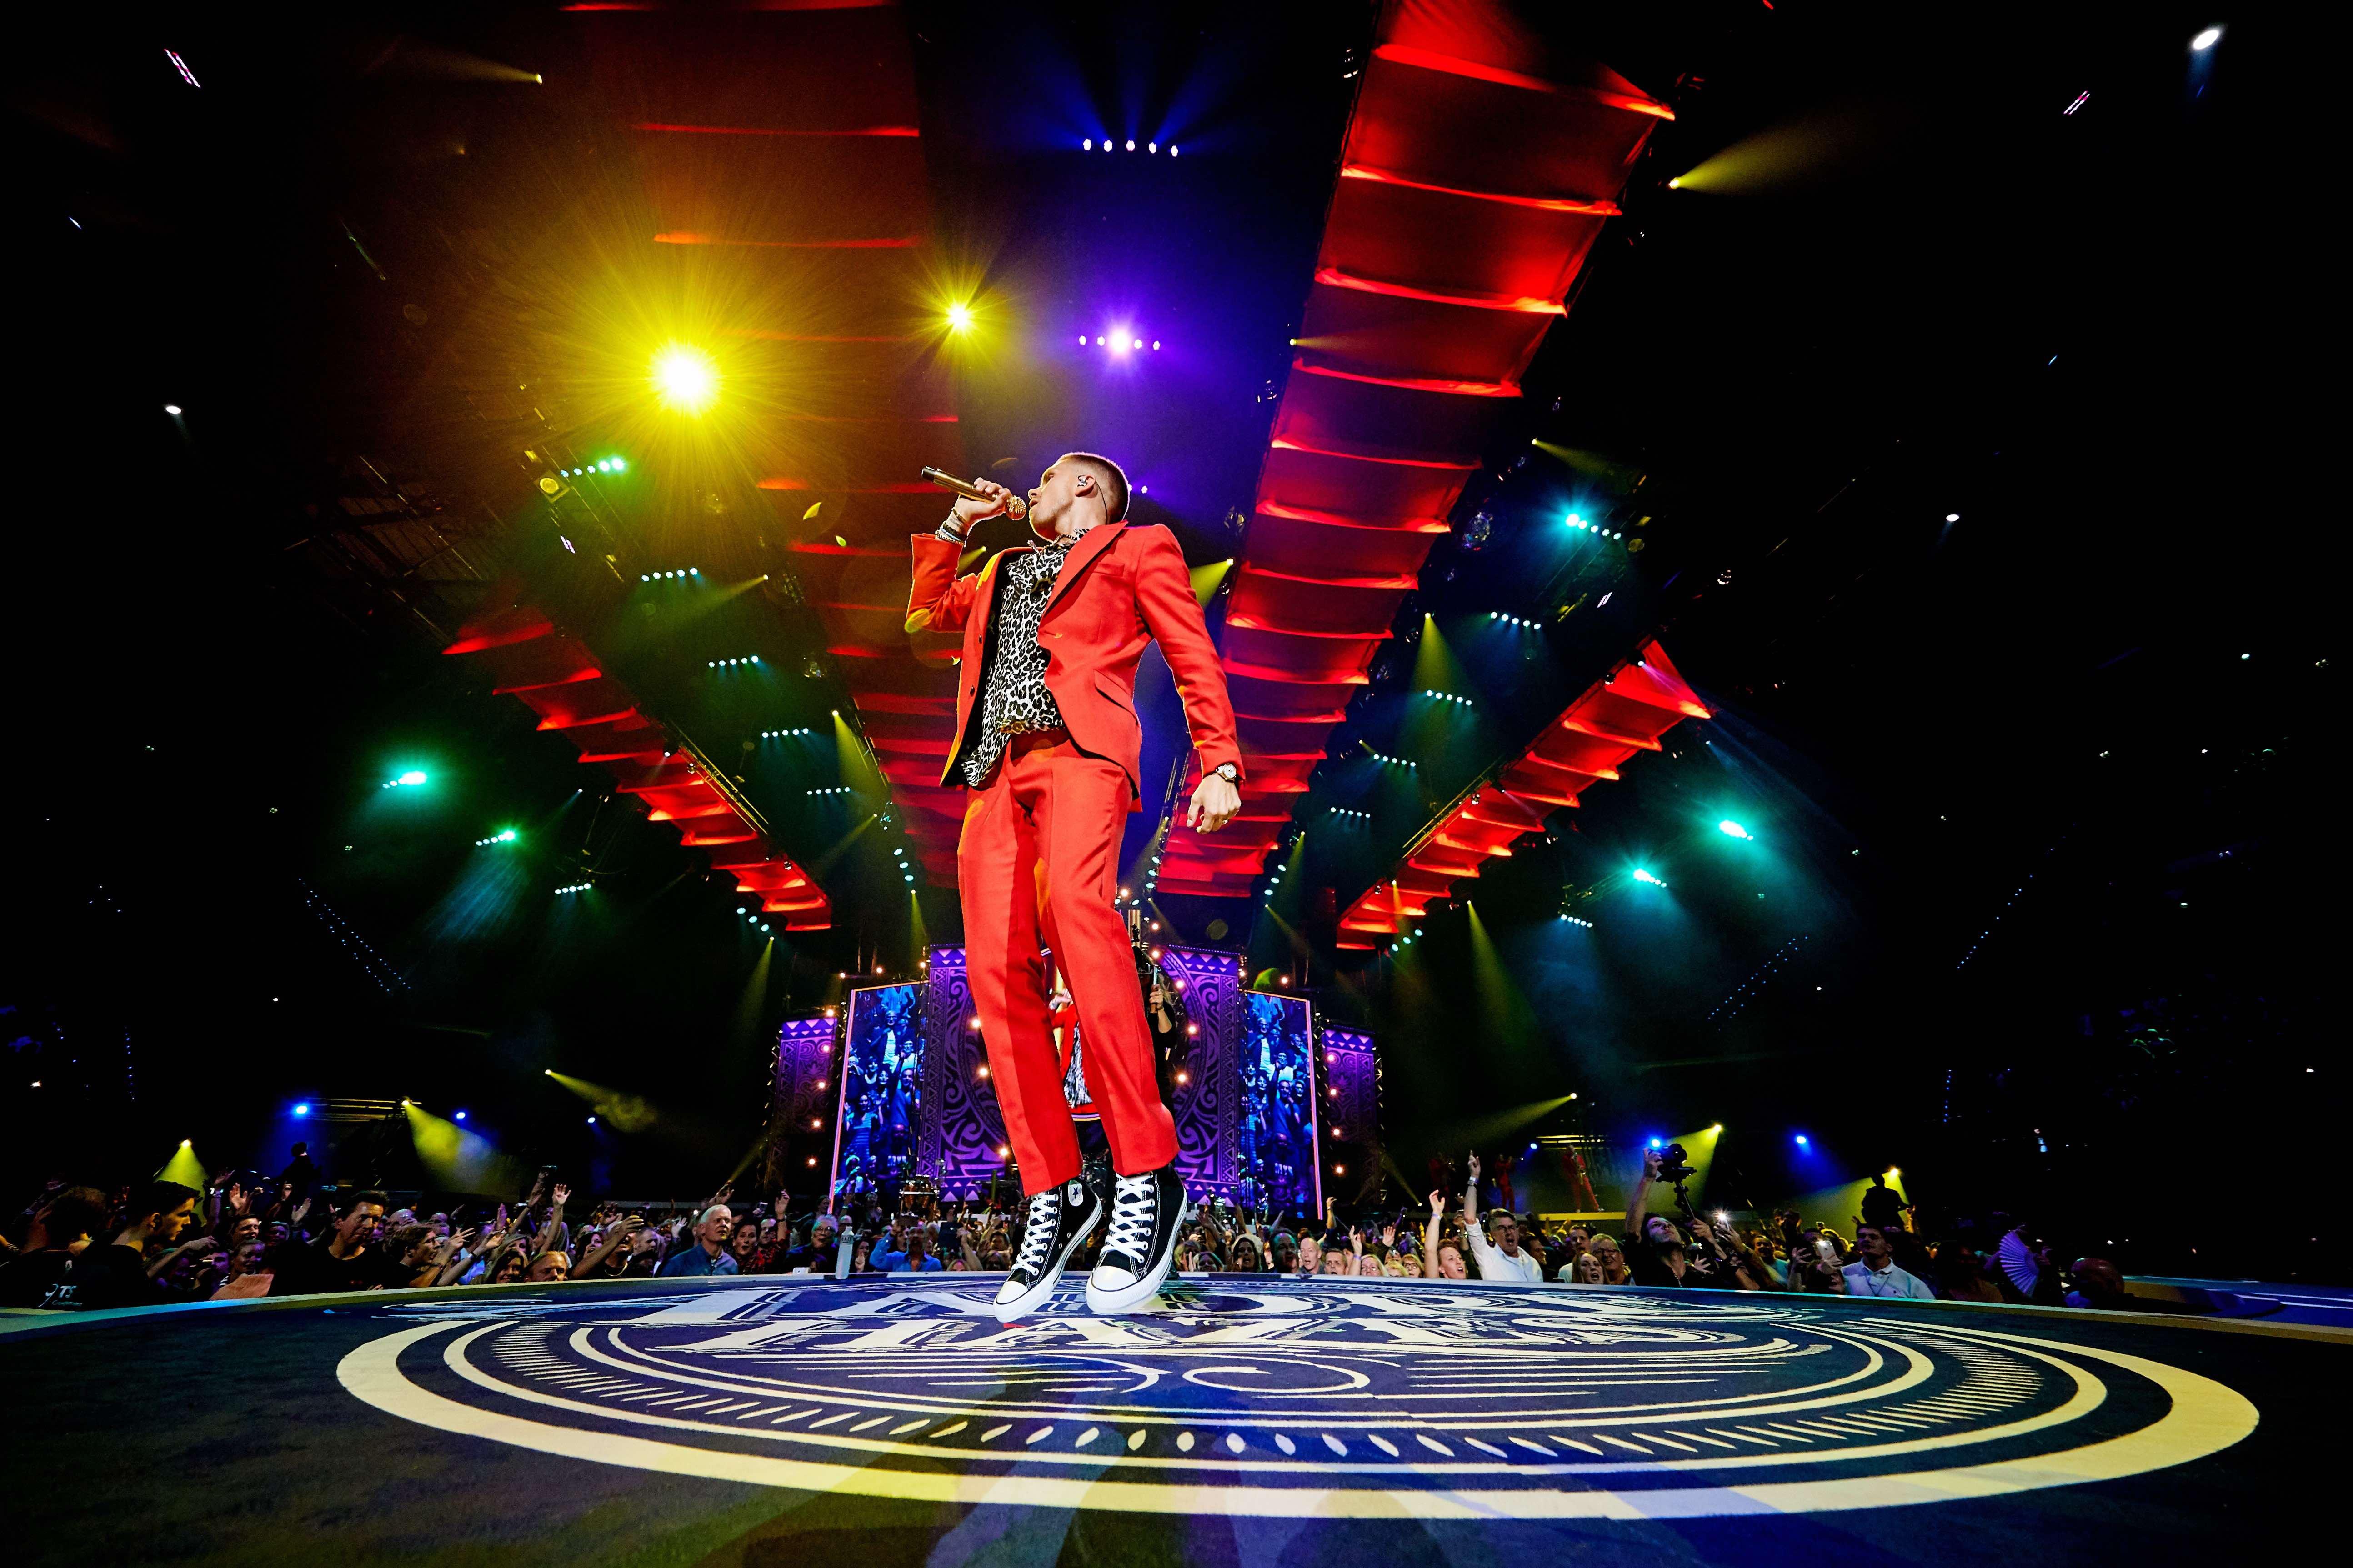 Bekende zanger André Hazes springend en zingend op podium